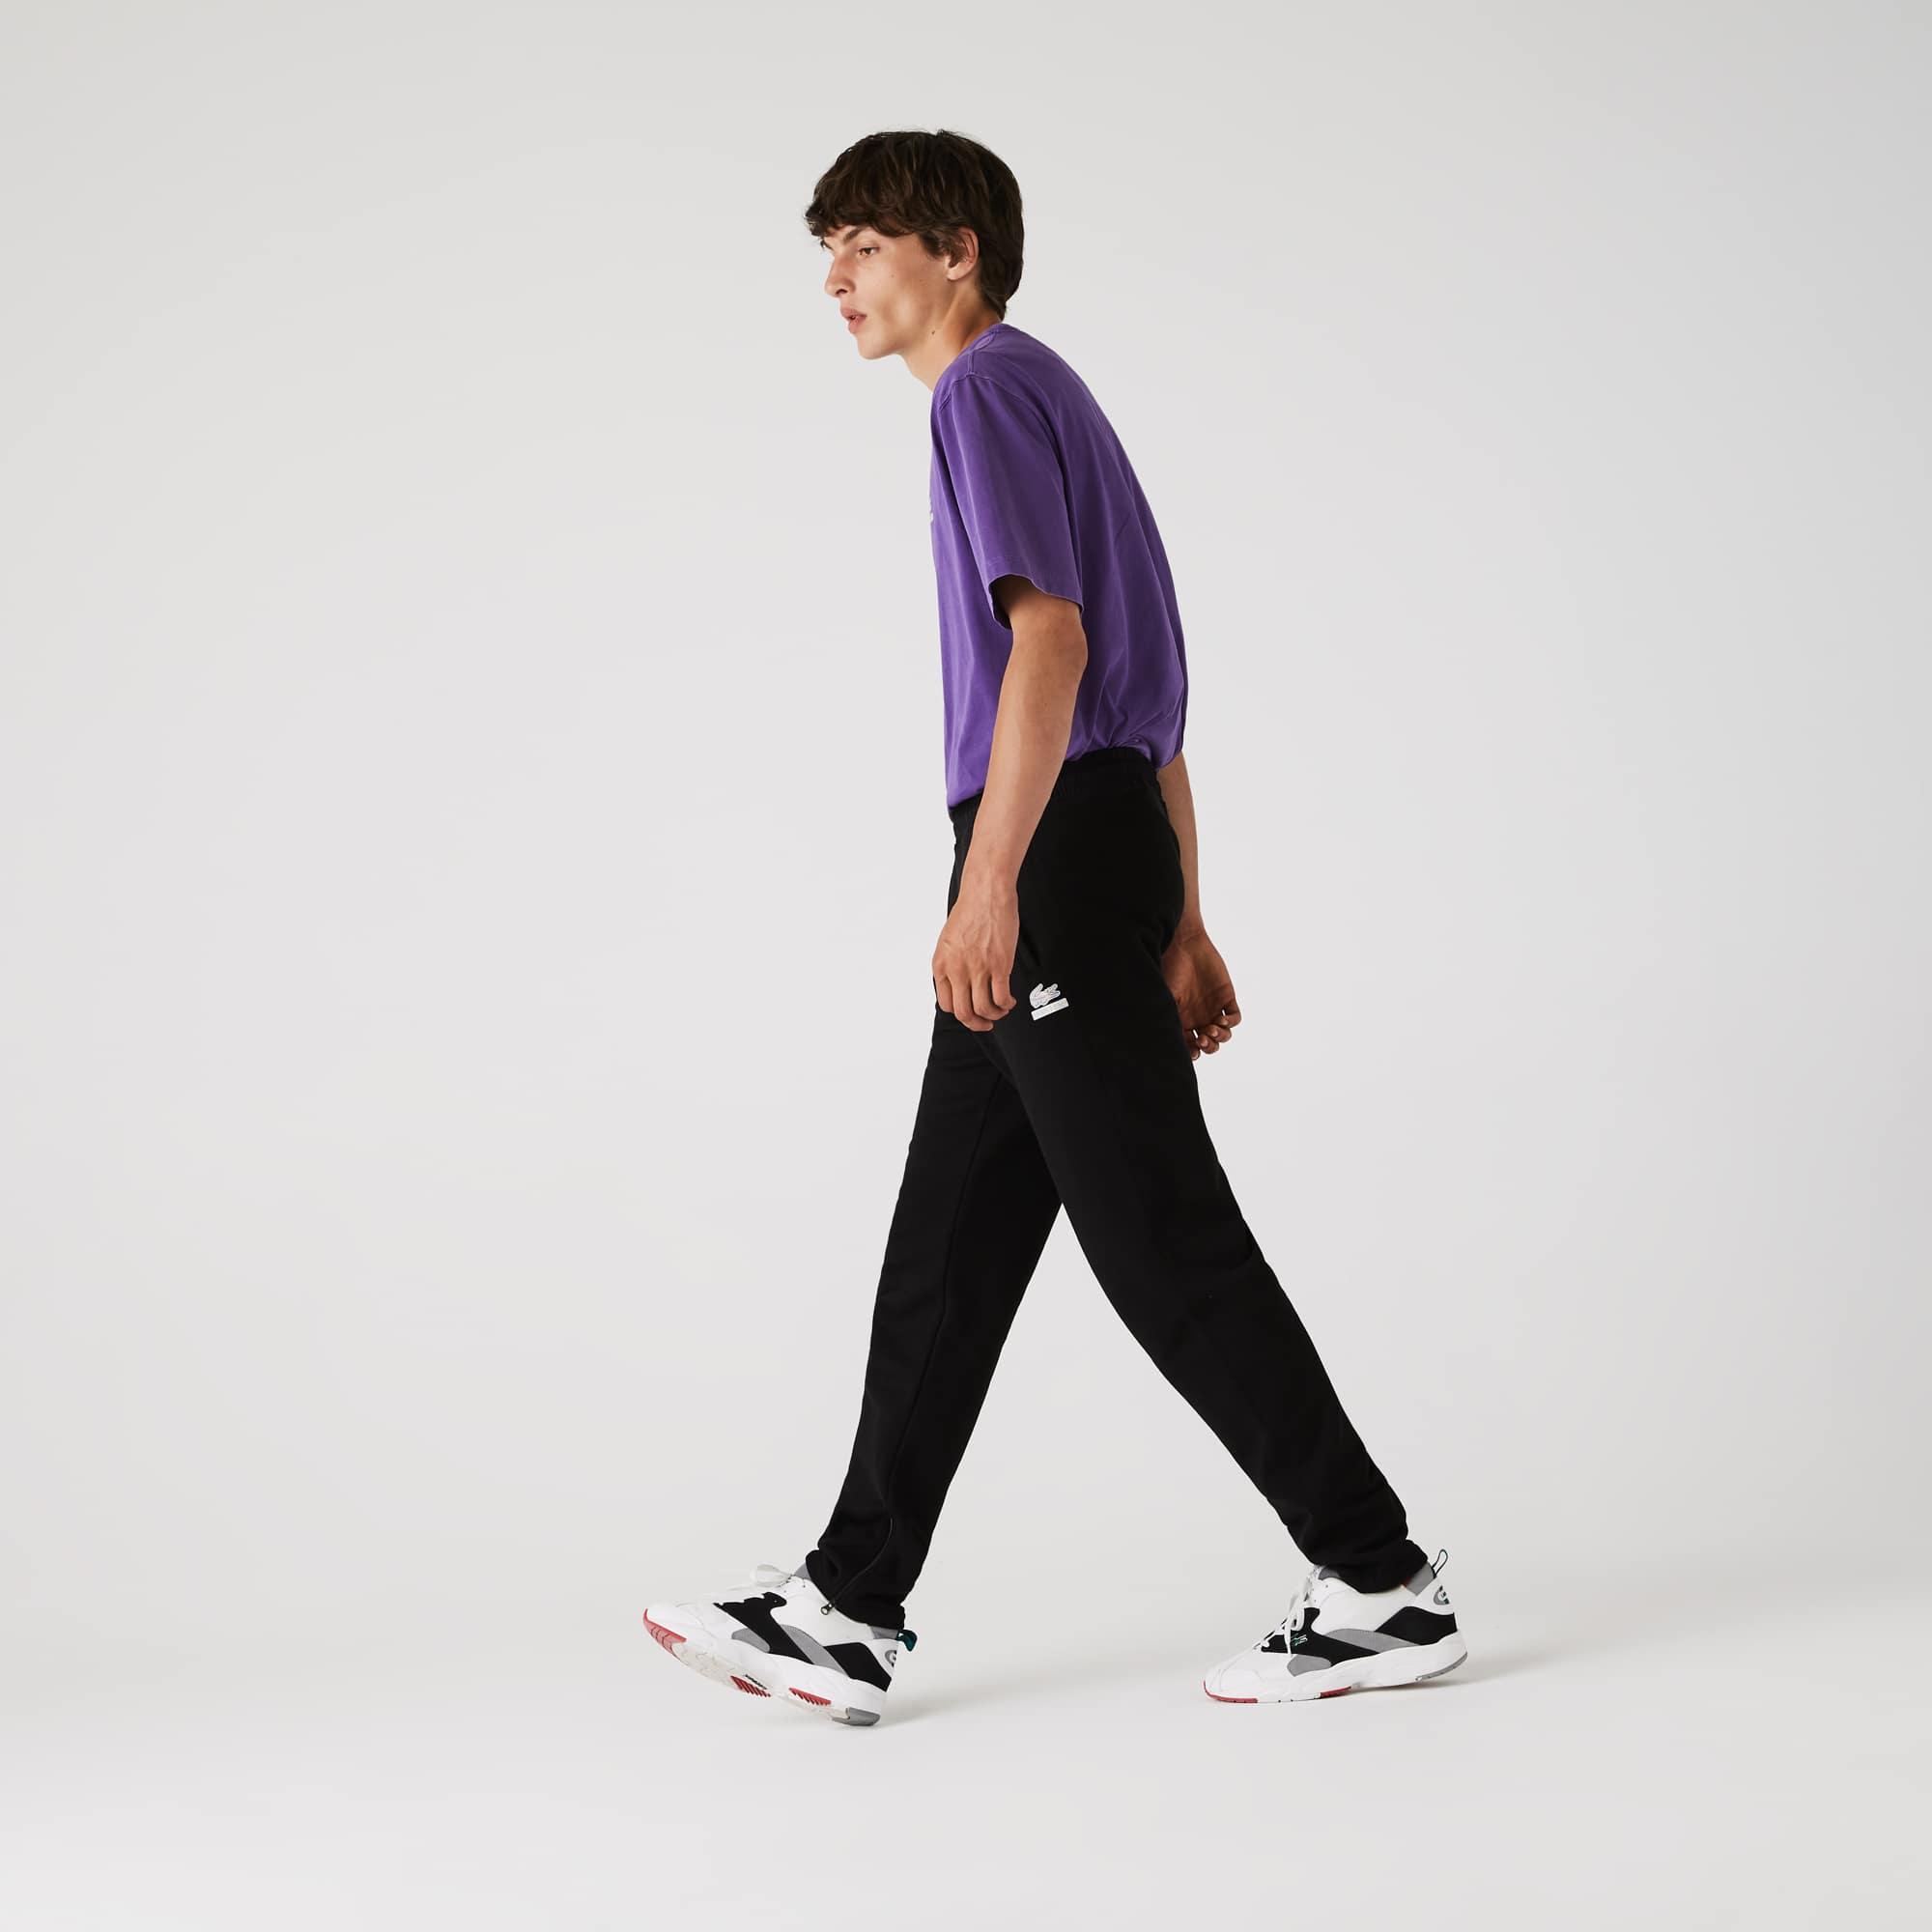 라코스테 X 컨셉츠 콜라보 트랙 팬츠 Lacoste Mens CONCEPTS Collaboration Track Pants